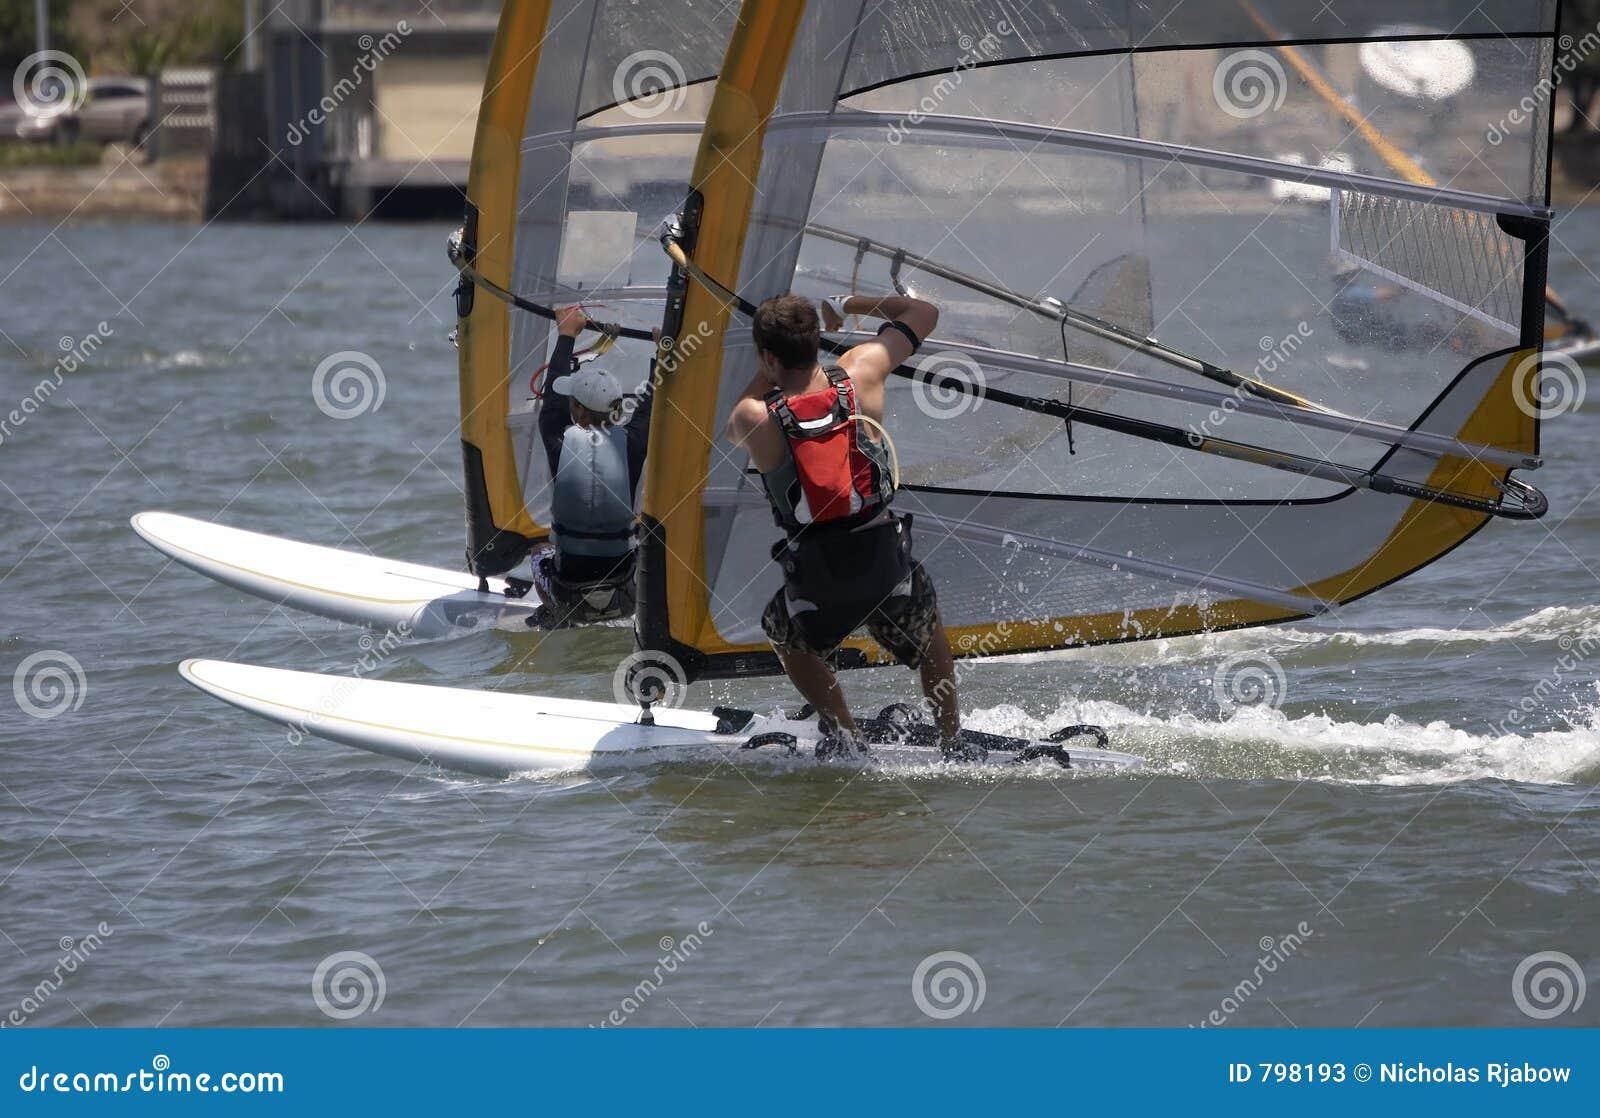 Het rennen Sailboarders